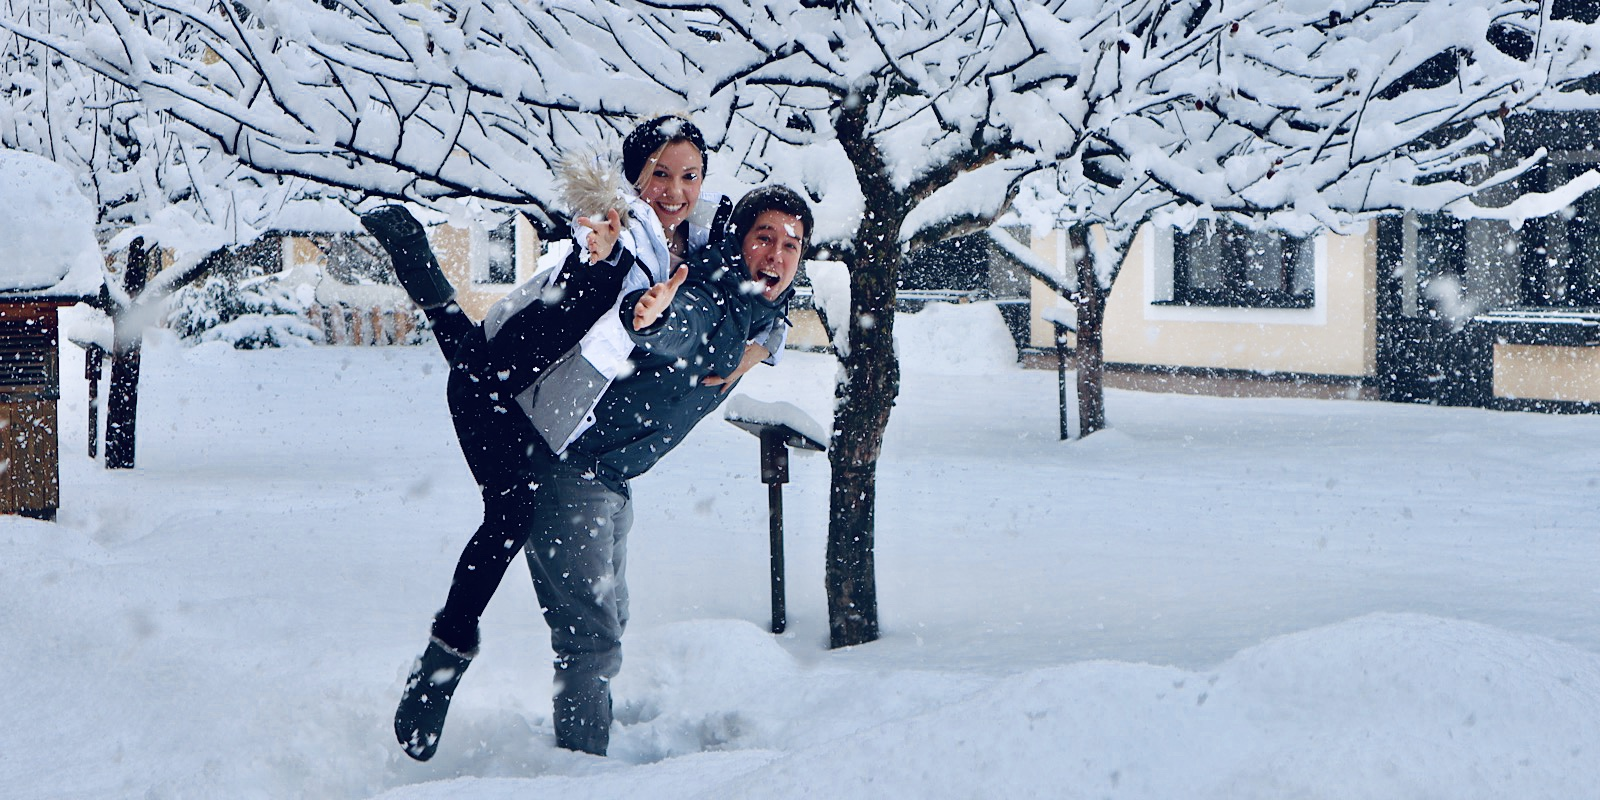 Wenn aus Liebe Leben wird - Travel - Österreich - Familien-Skiurlaub